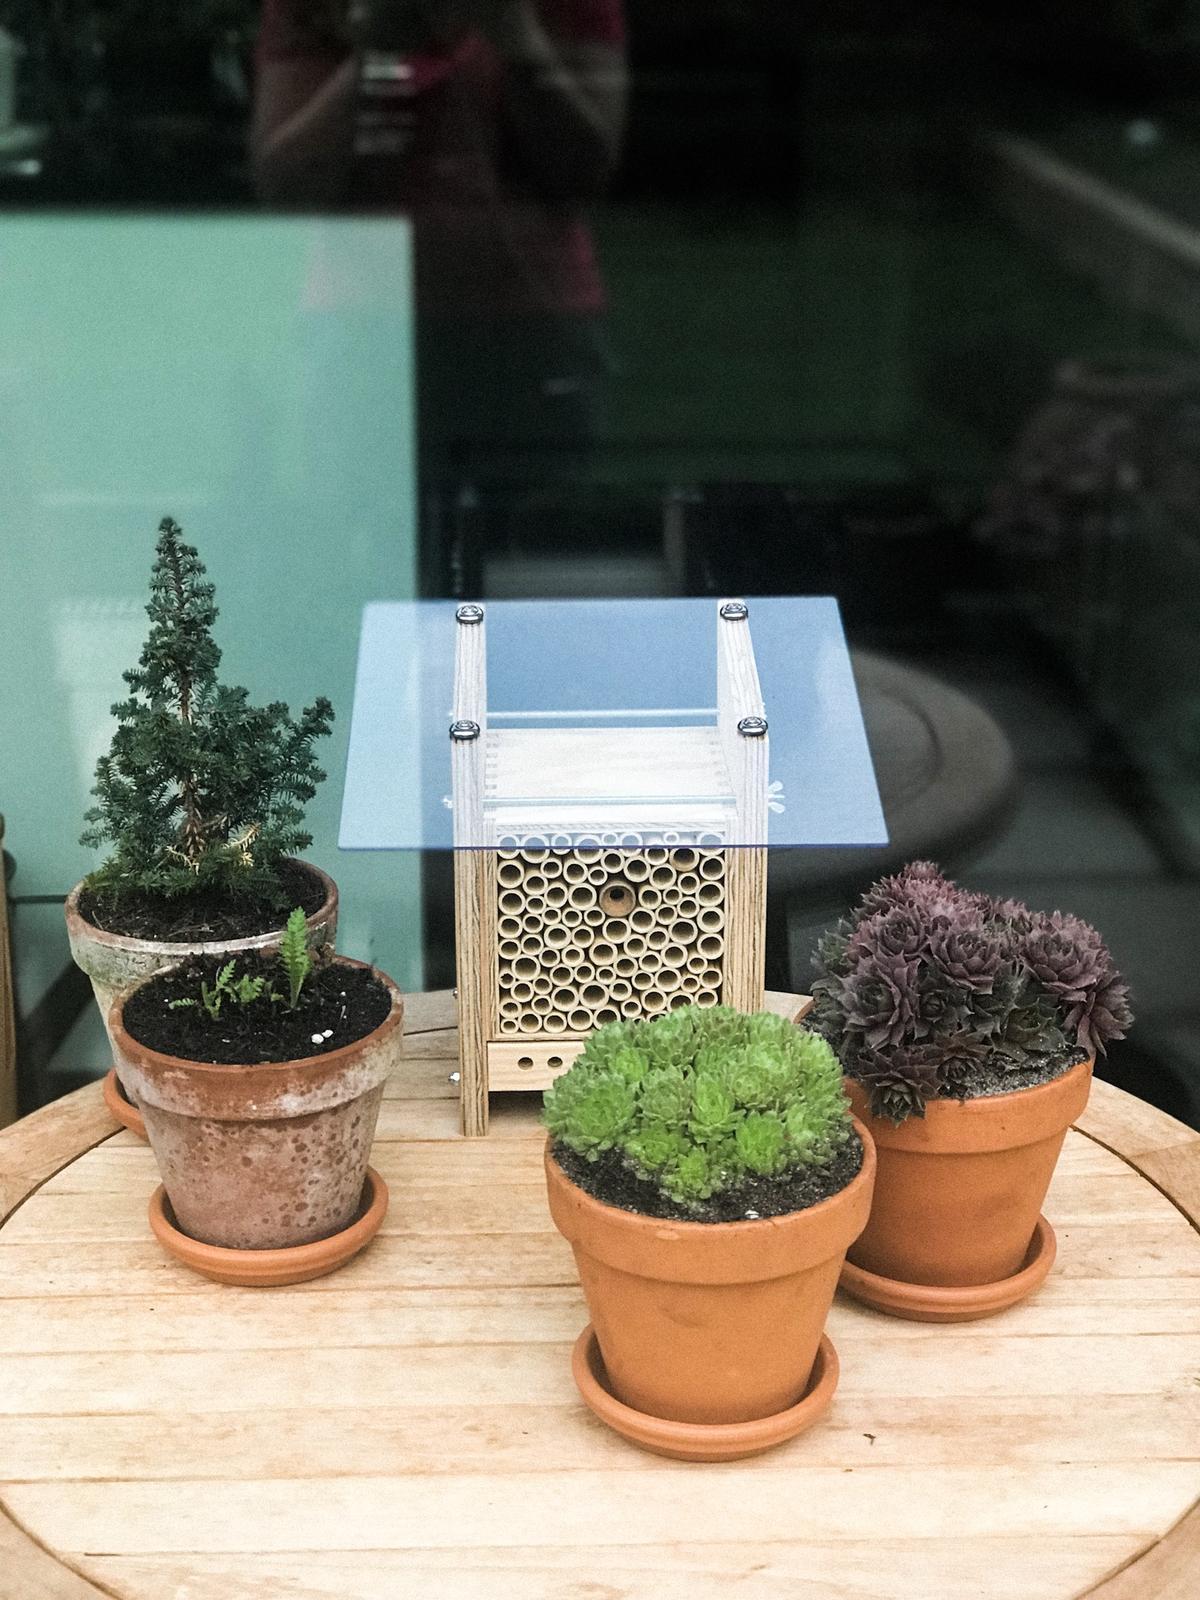 Terasa+ zahrada vzadu.. - Novy hotel pre hmyz 😍 so suflikom na ktorom je plexisklo, bude tam videt cely proces ako sa z vajicka vyvija vcela 😍❤️